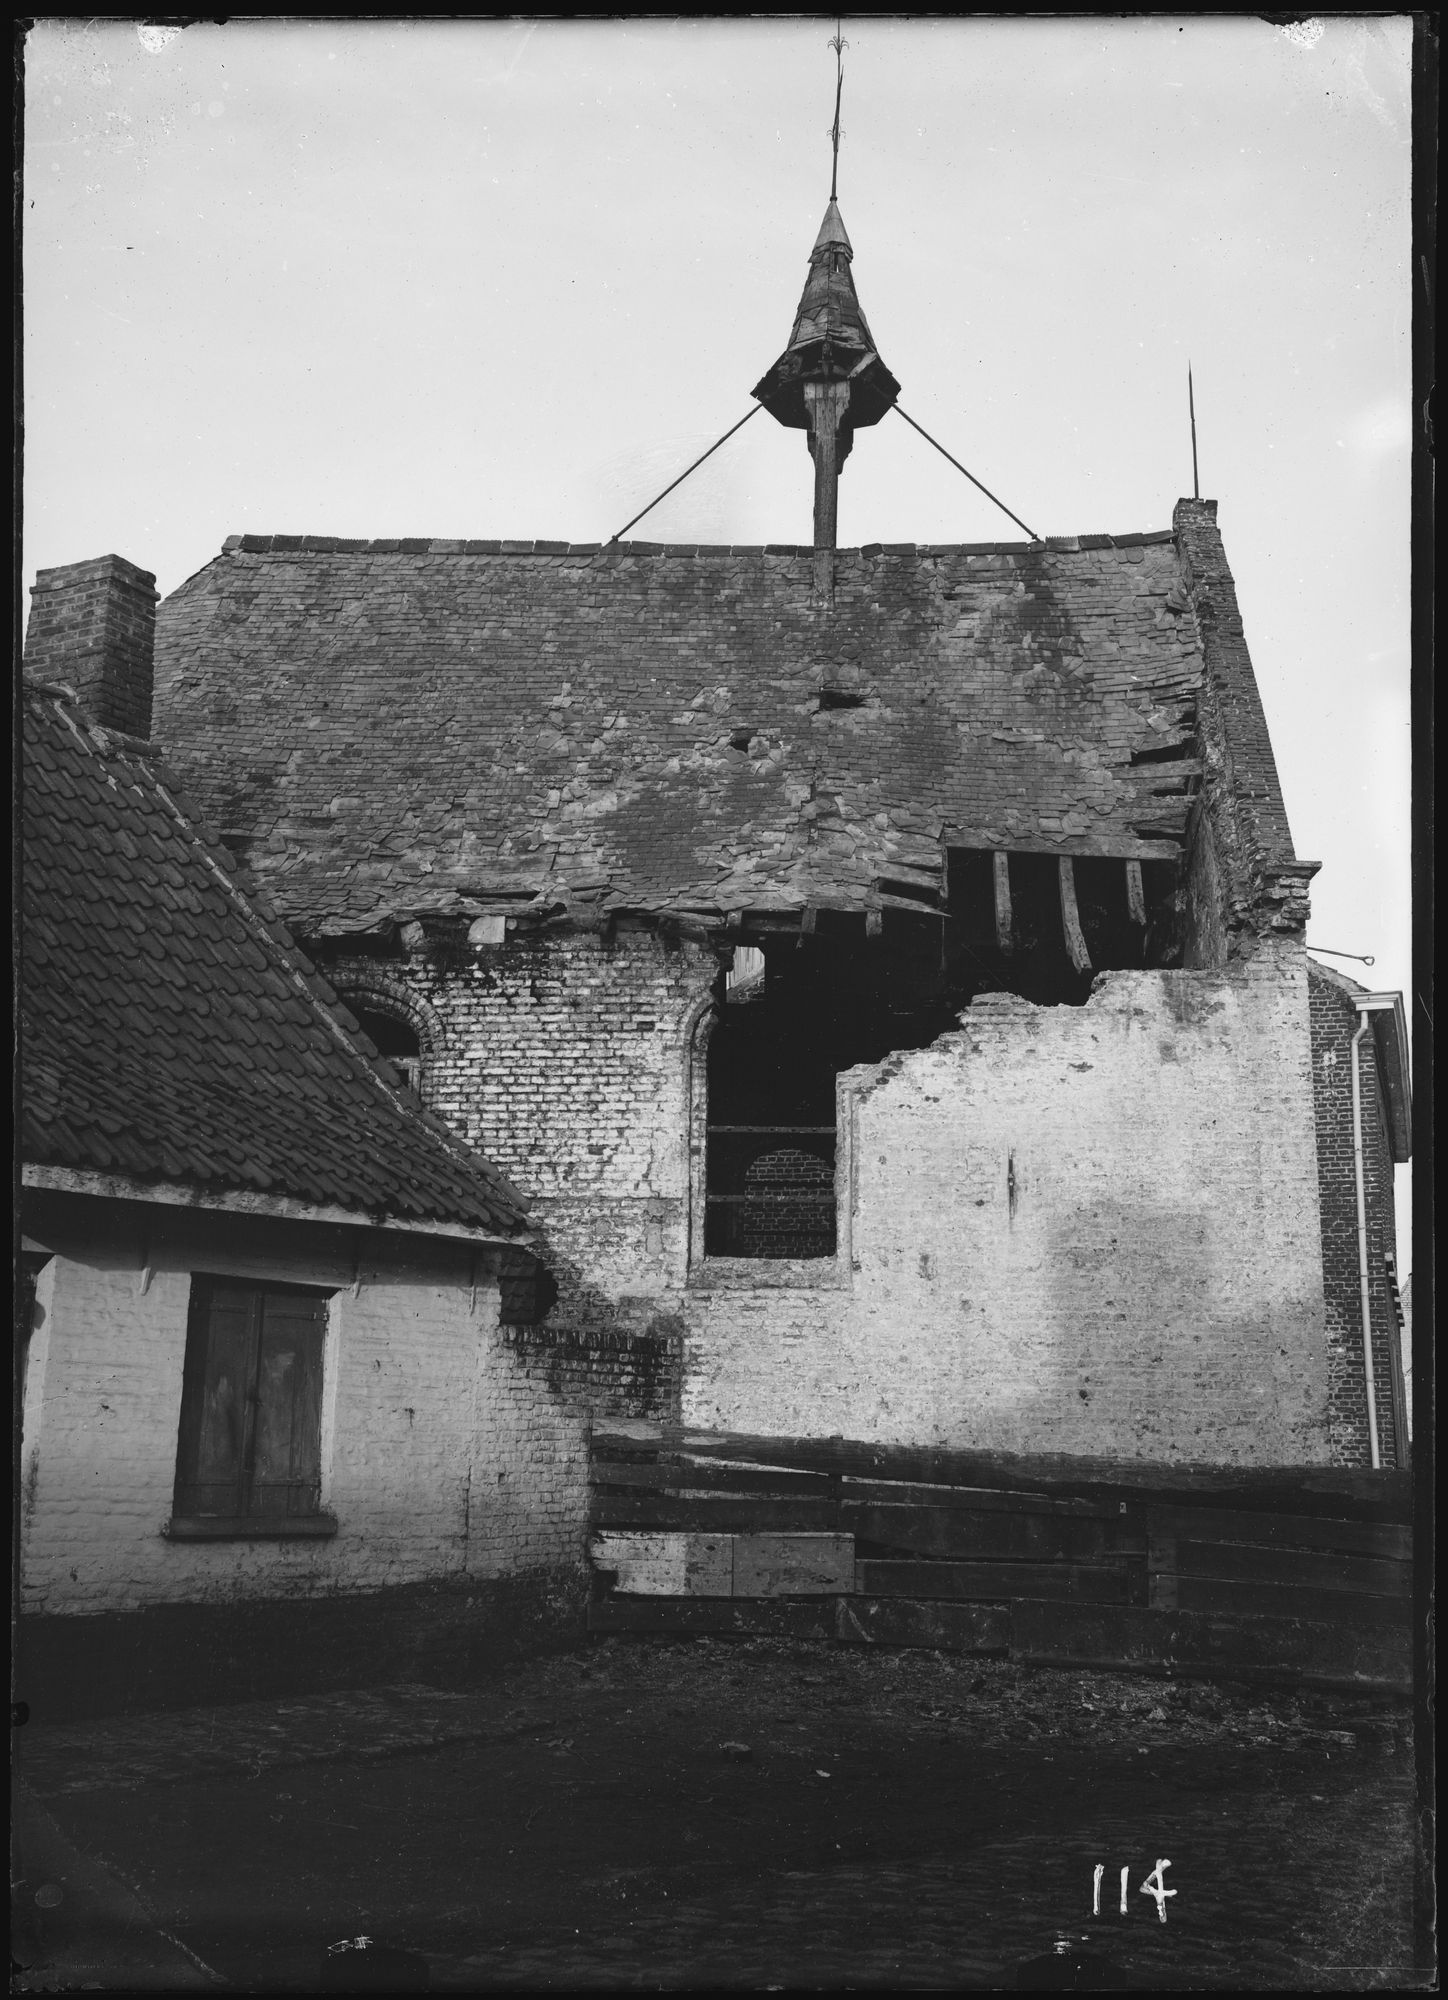 Kapel van Walle in 1895